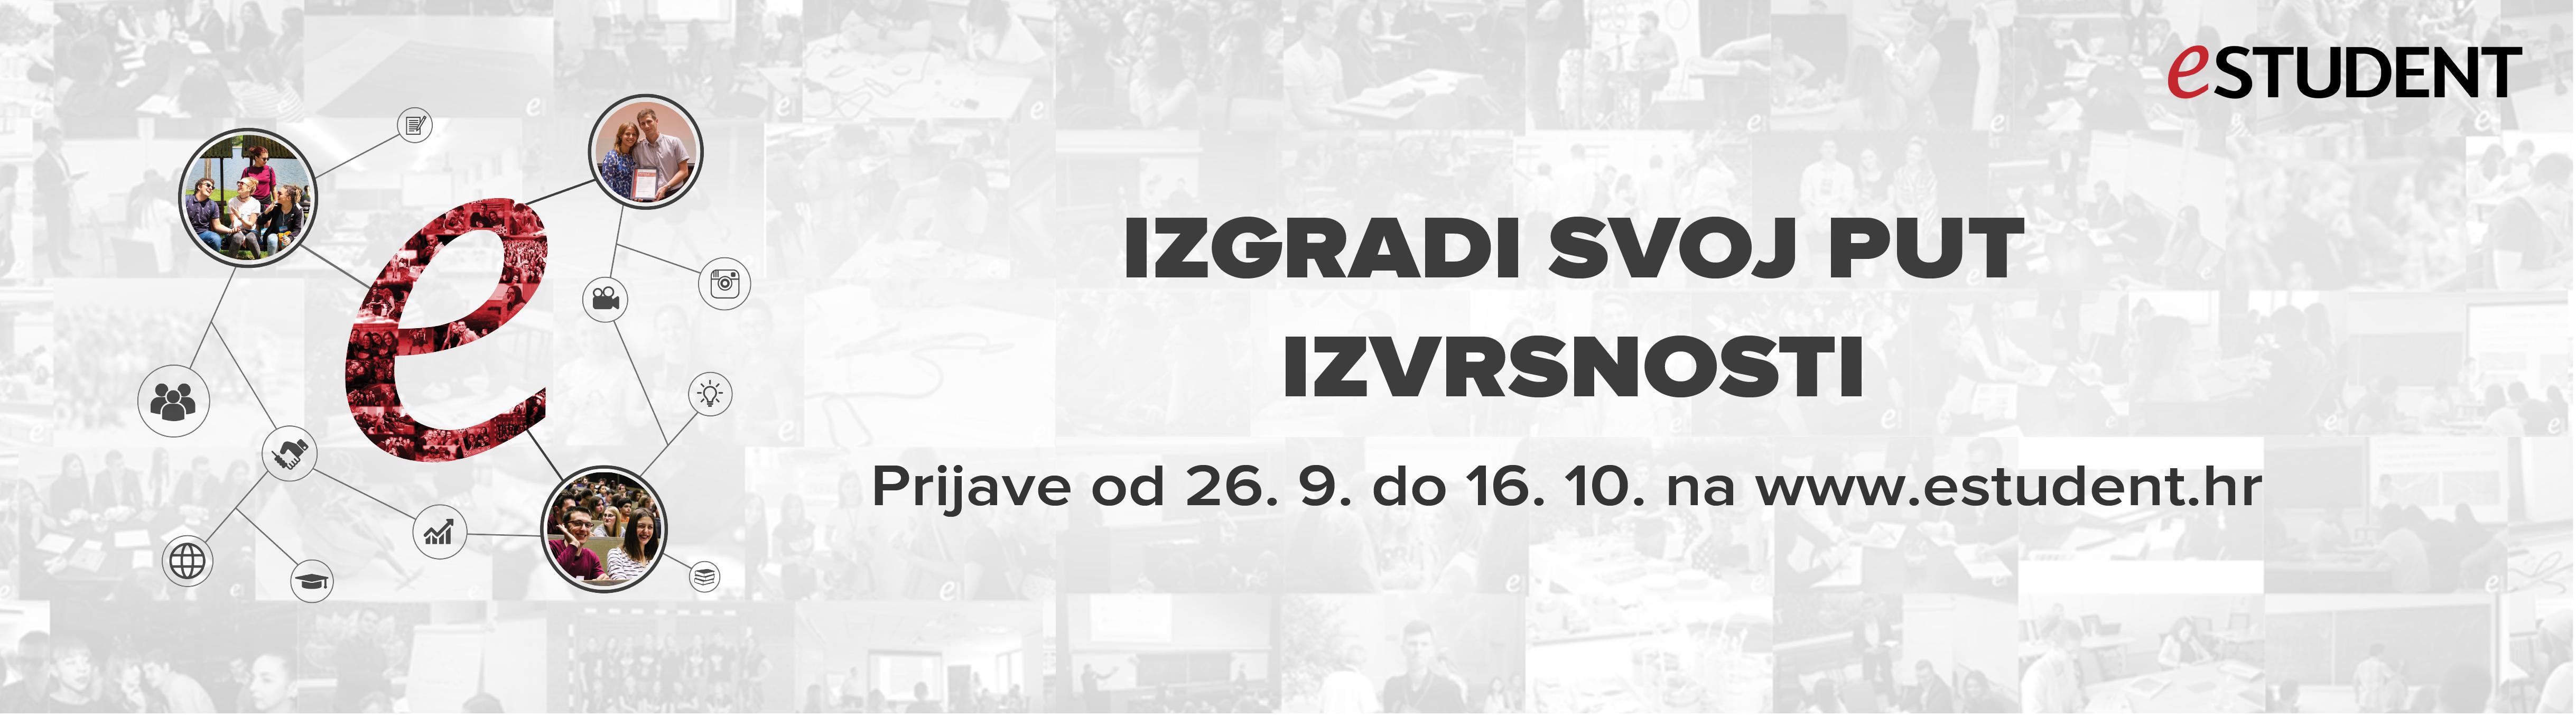 isprv_header-01